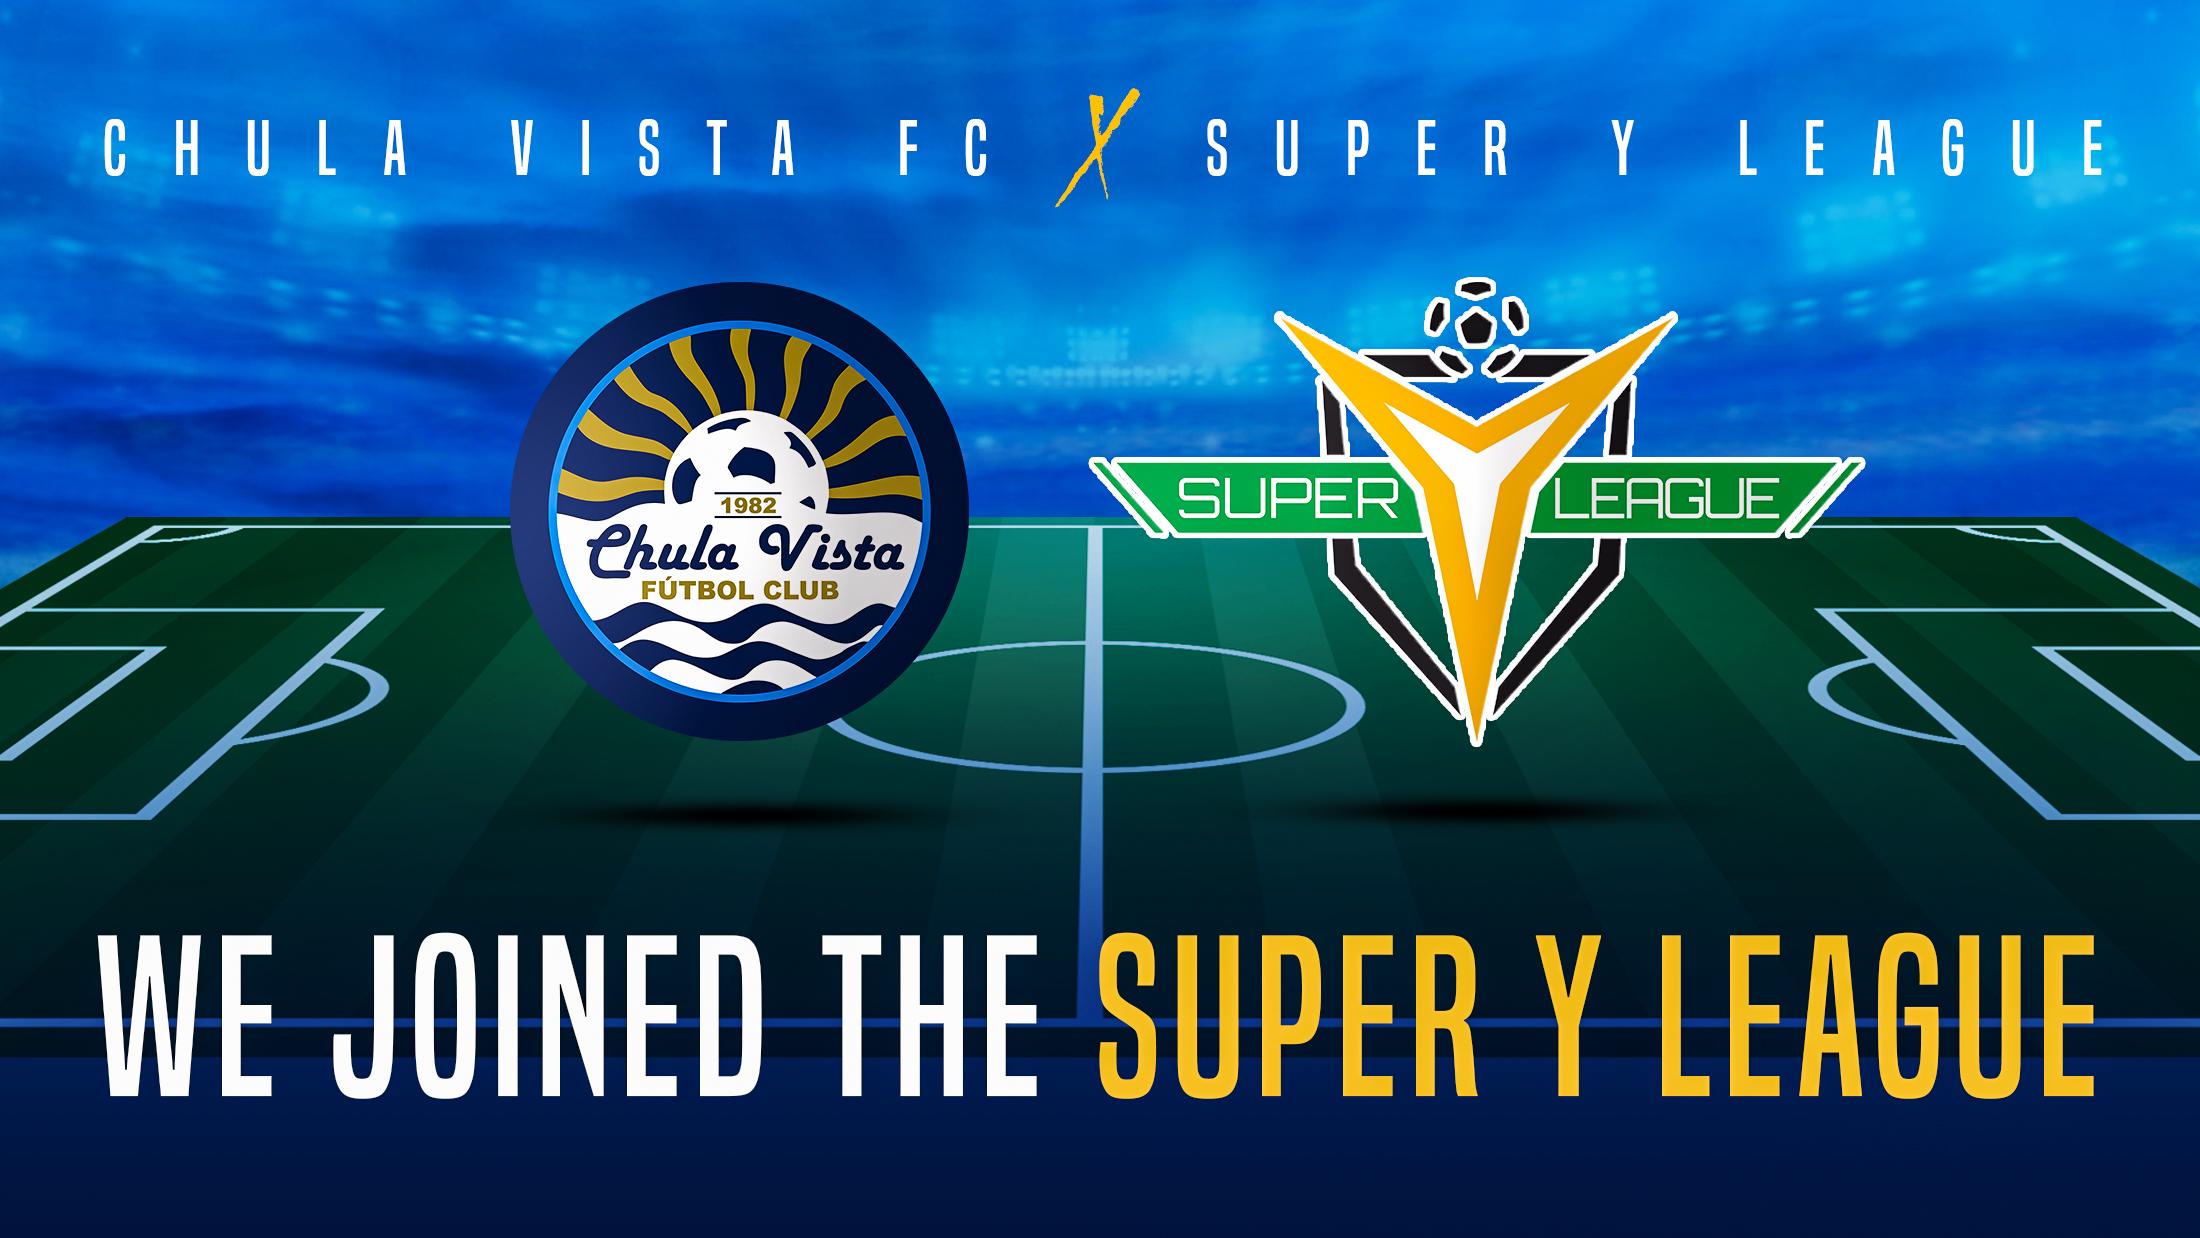 Chula Vista FC joins the Super Y League